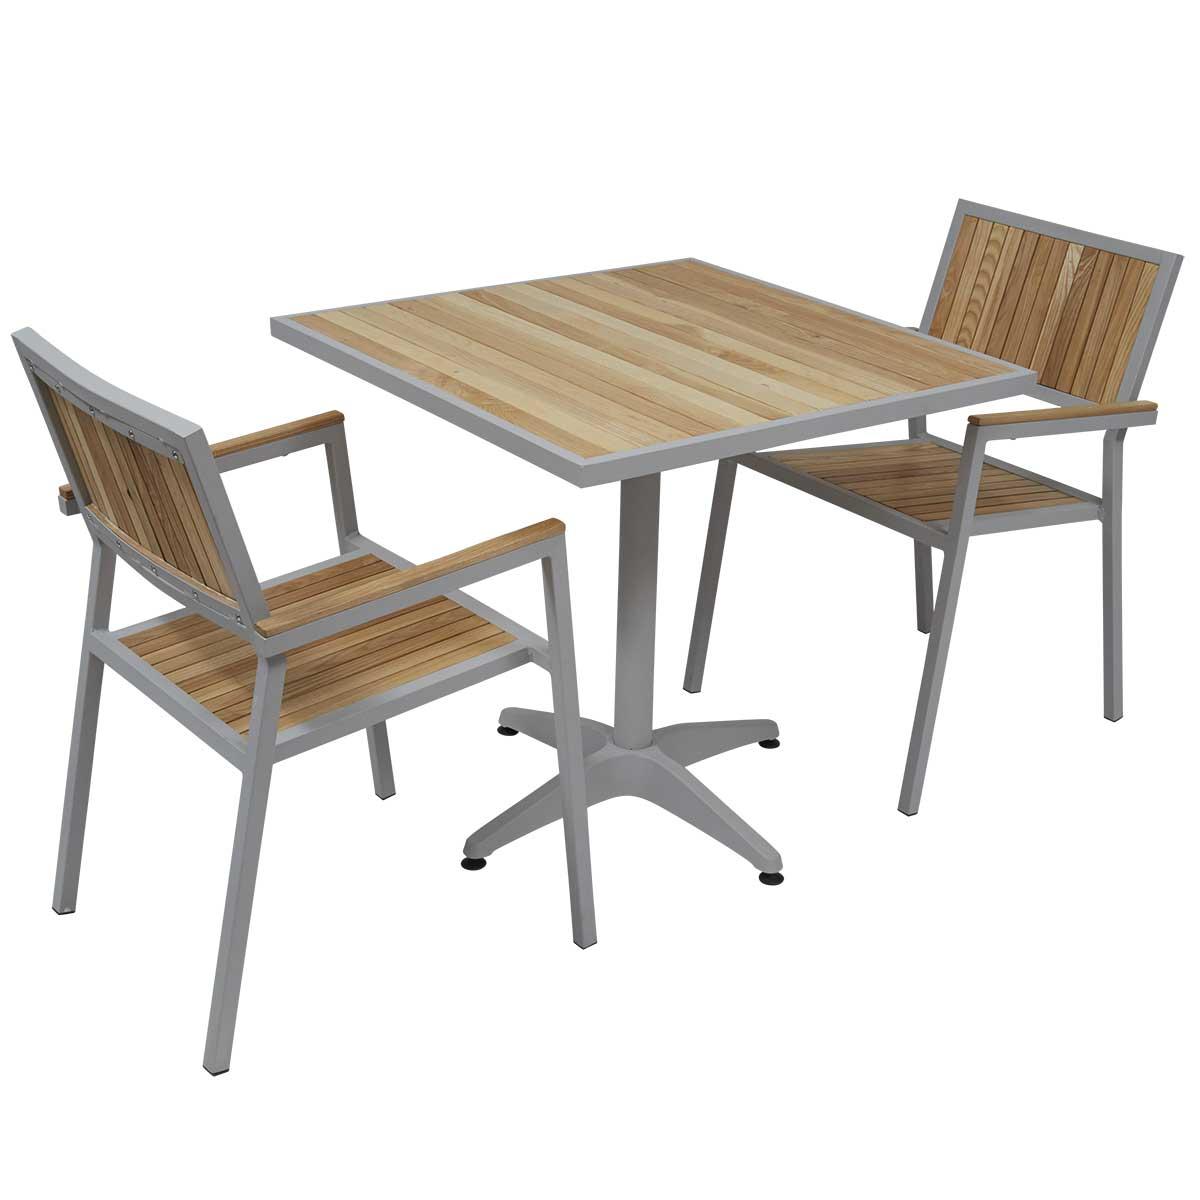 Table De Jardin solde Charmant Table Terrasse Pas Cher Of 34 Nouveau Table De Jardin solde